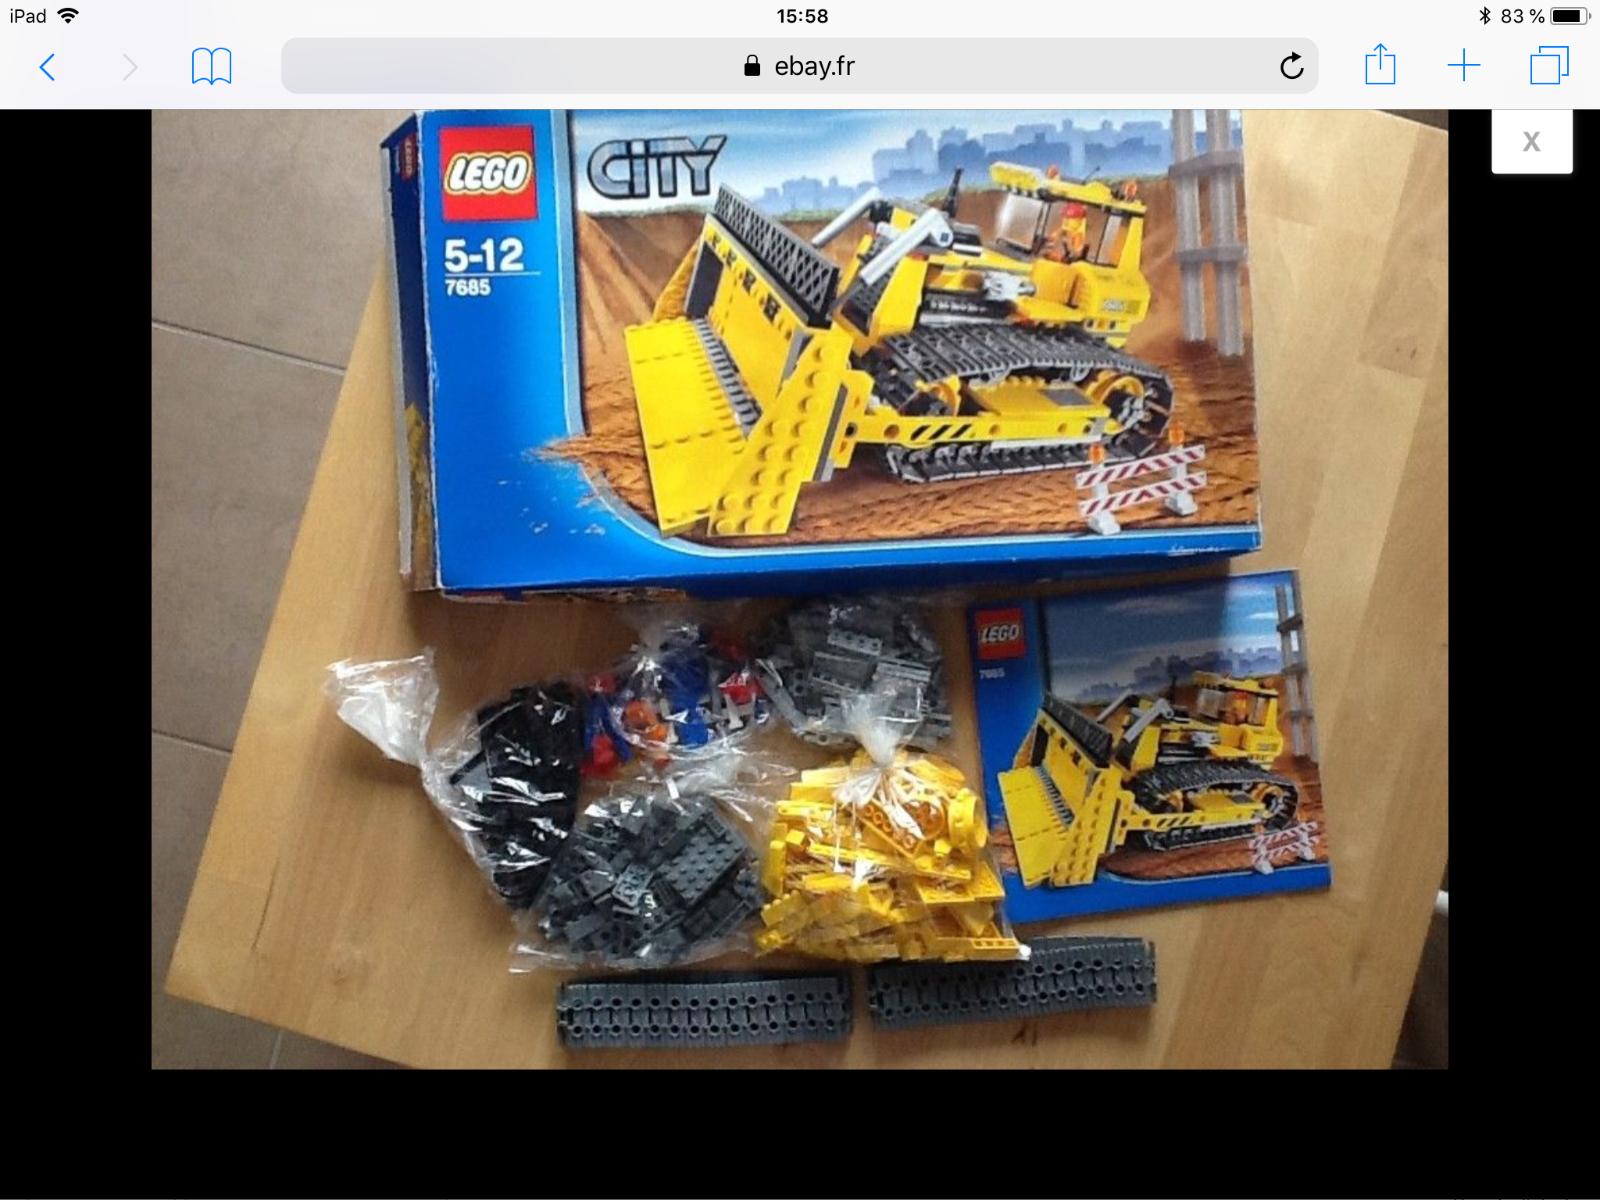 BOÎTE LEGO CITY N°7685. COMPLET